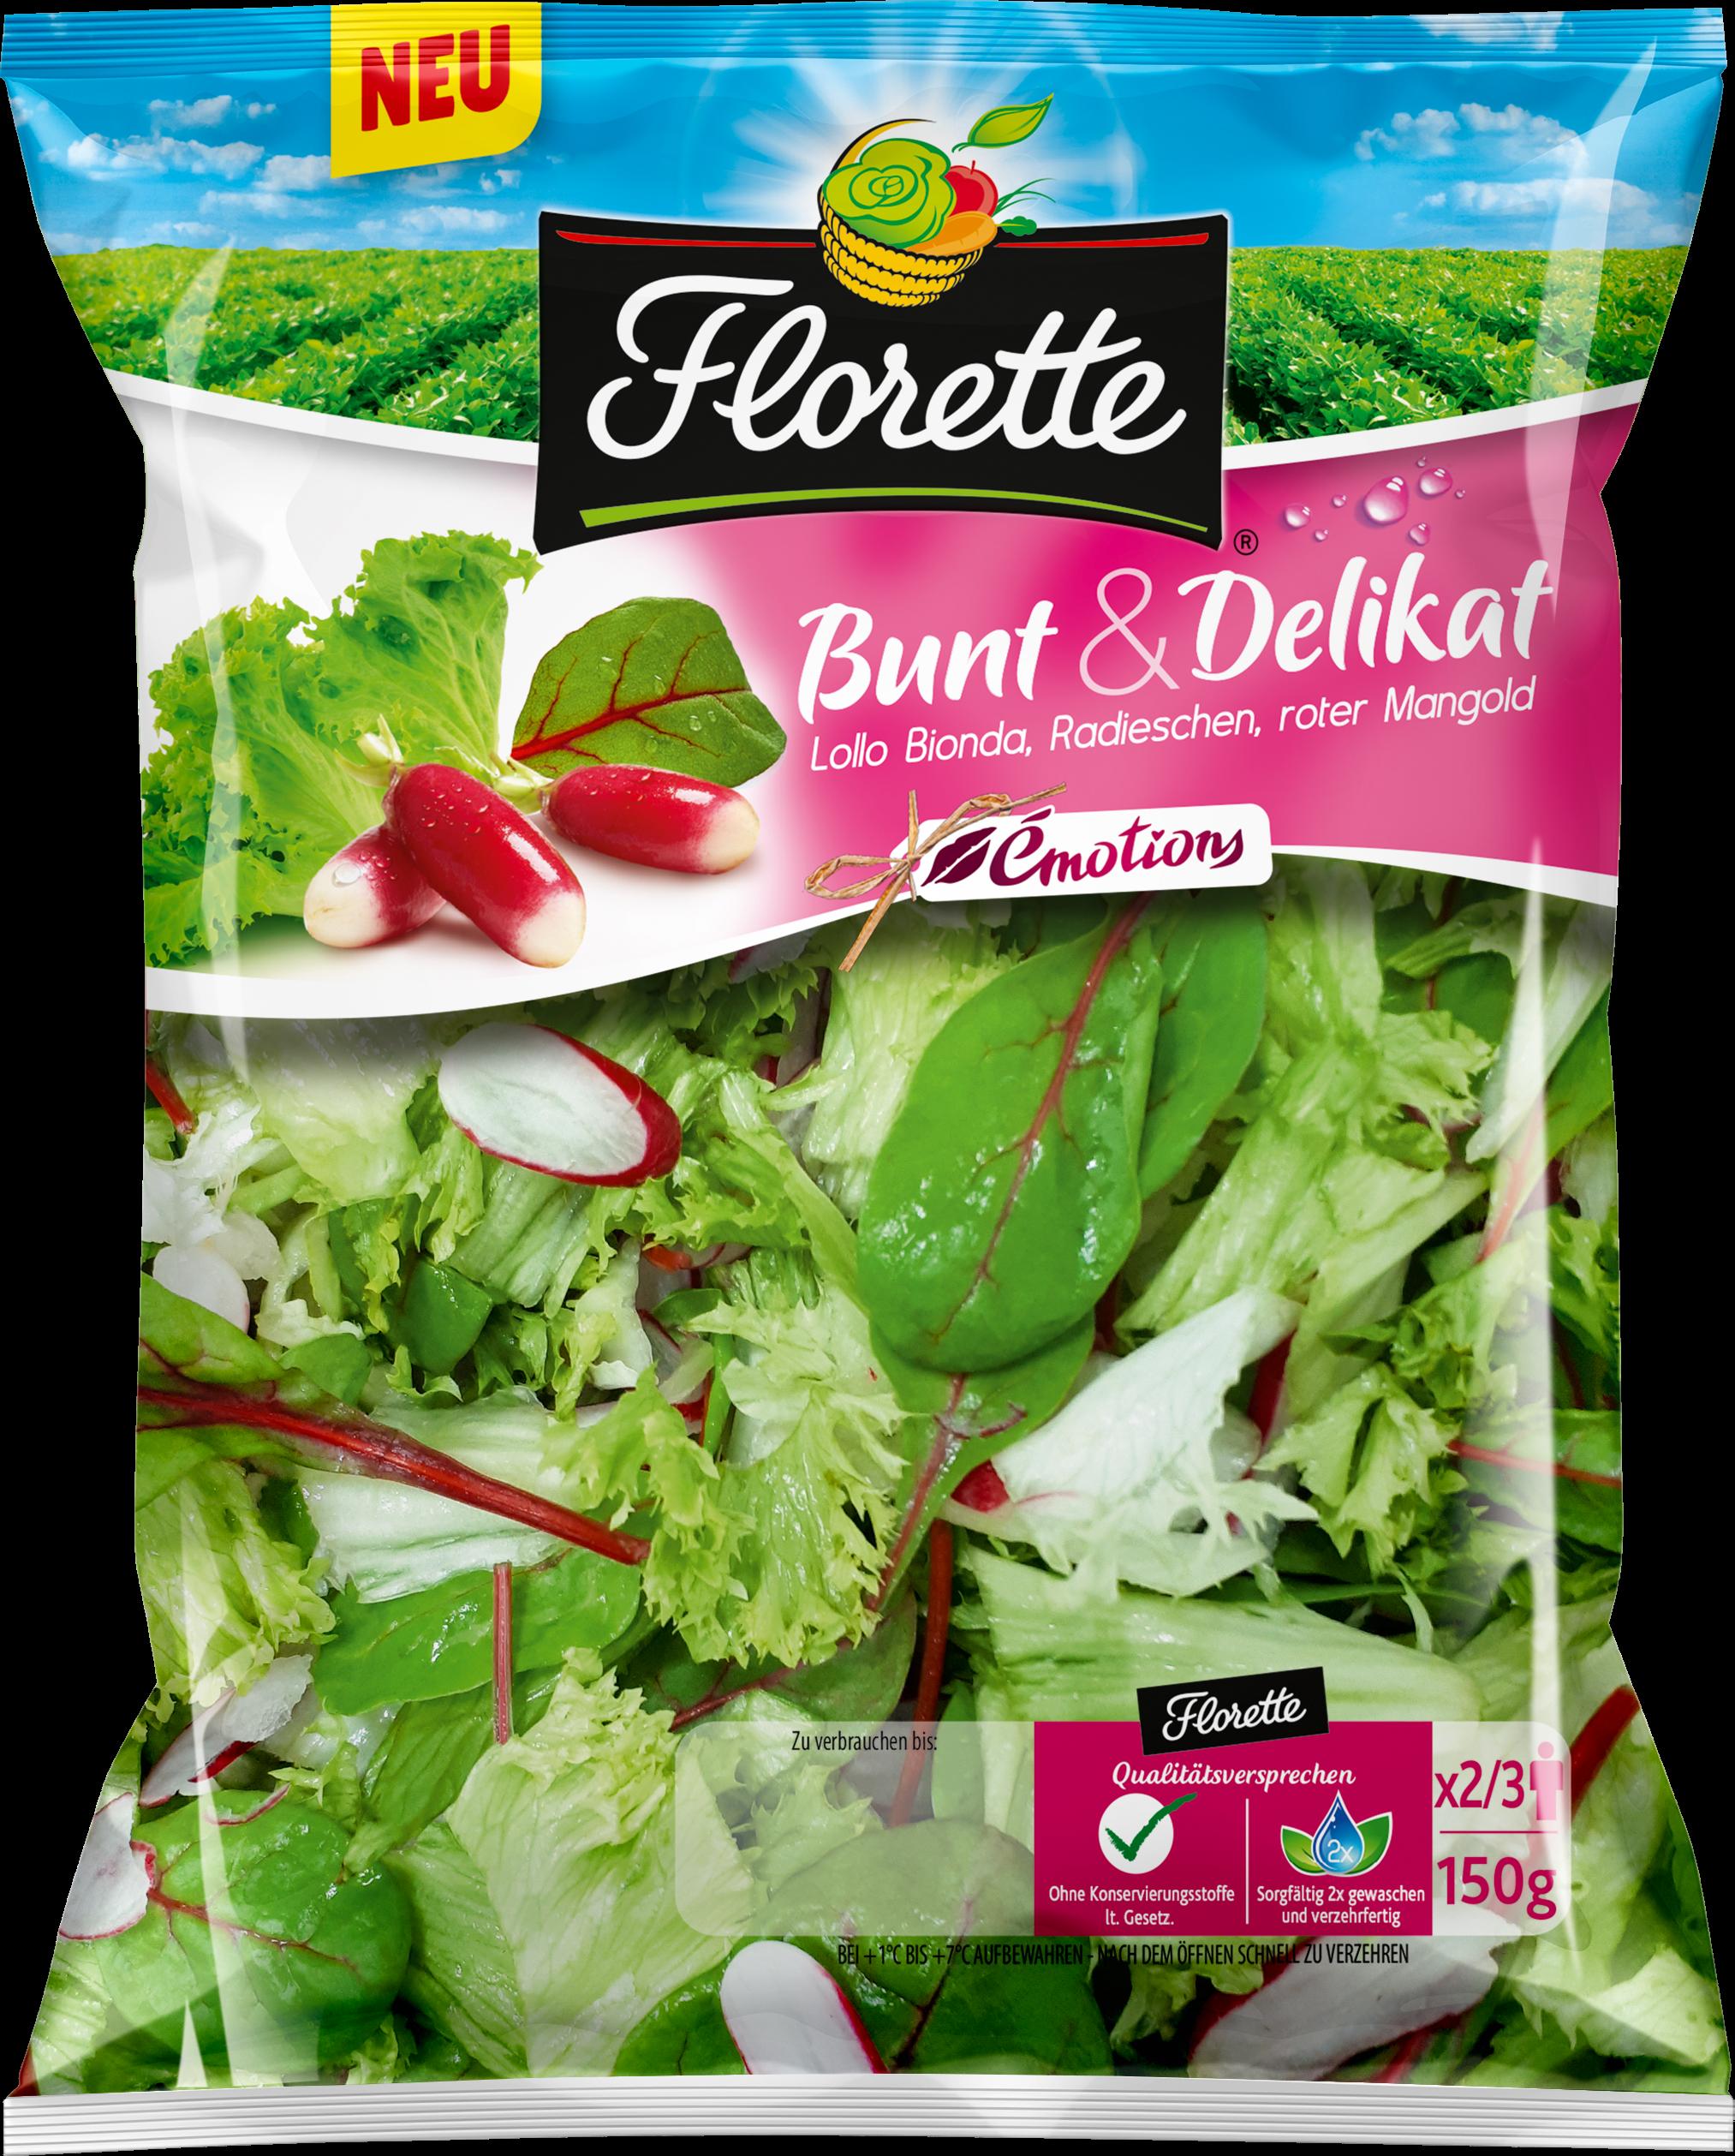 Florettes Salatmischung Émotions Bunt & Delikat